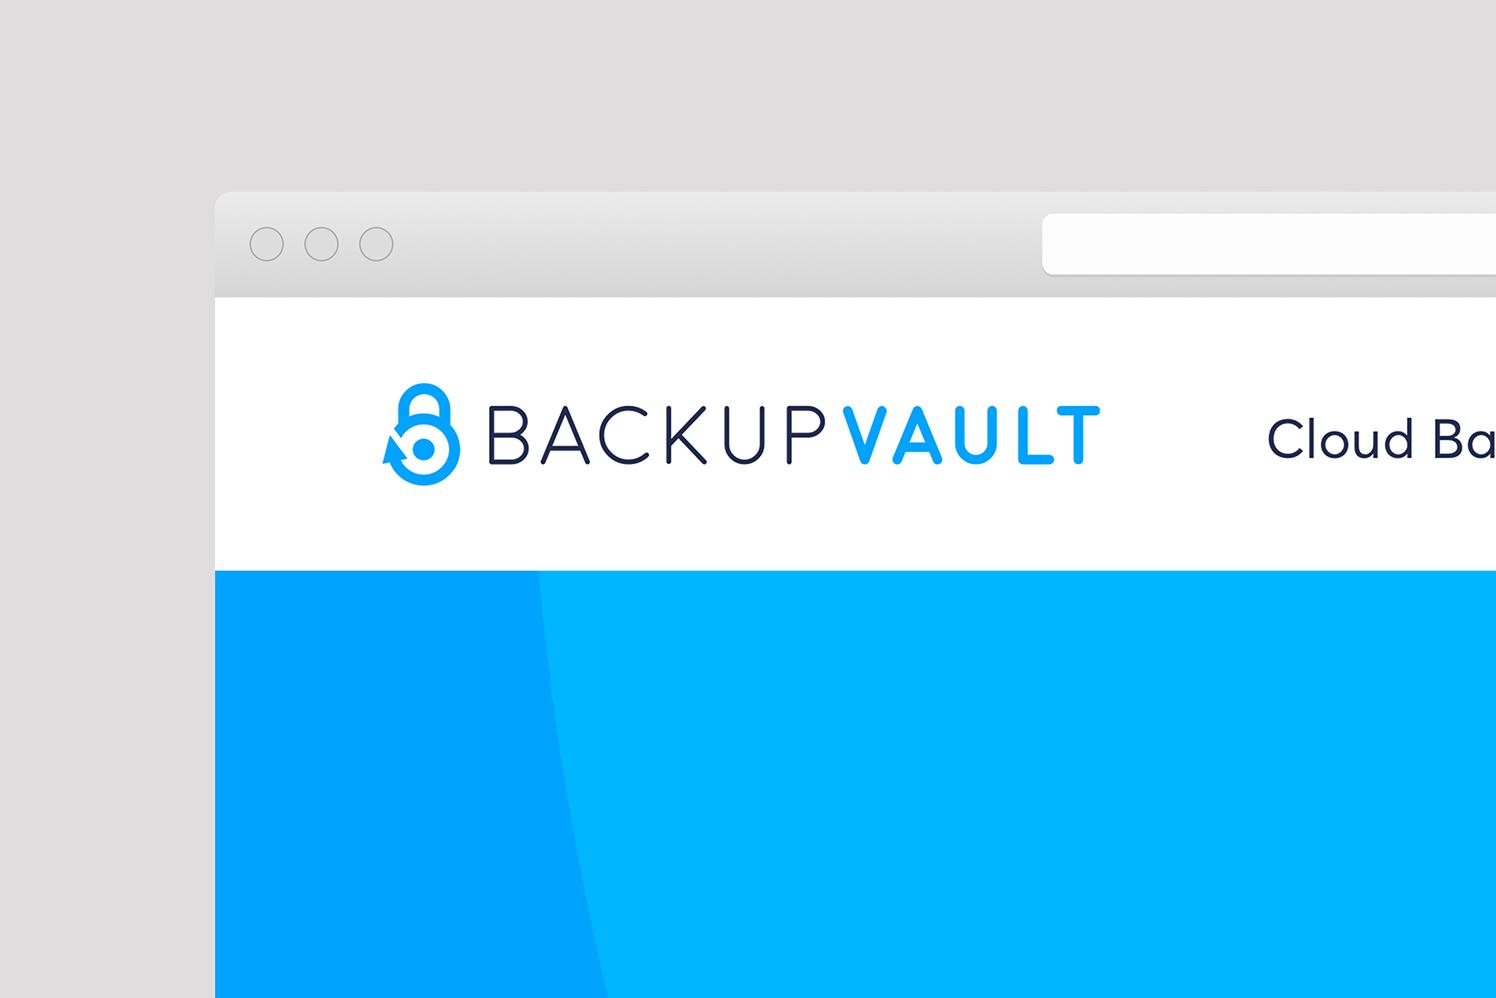 BackupVault Chooses Salad for Brand & Website Renovation